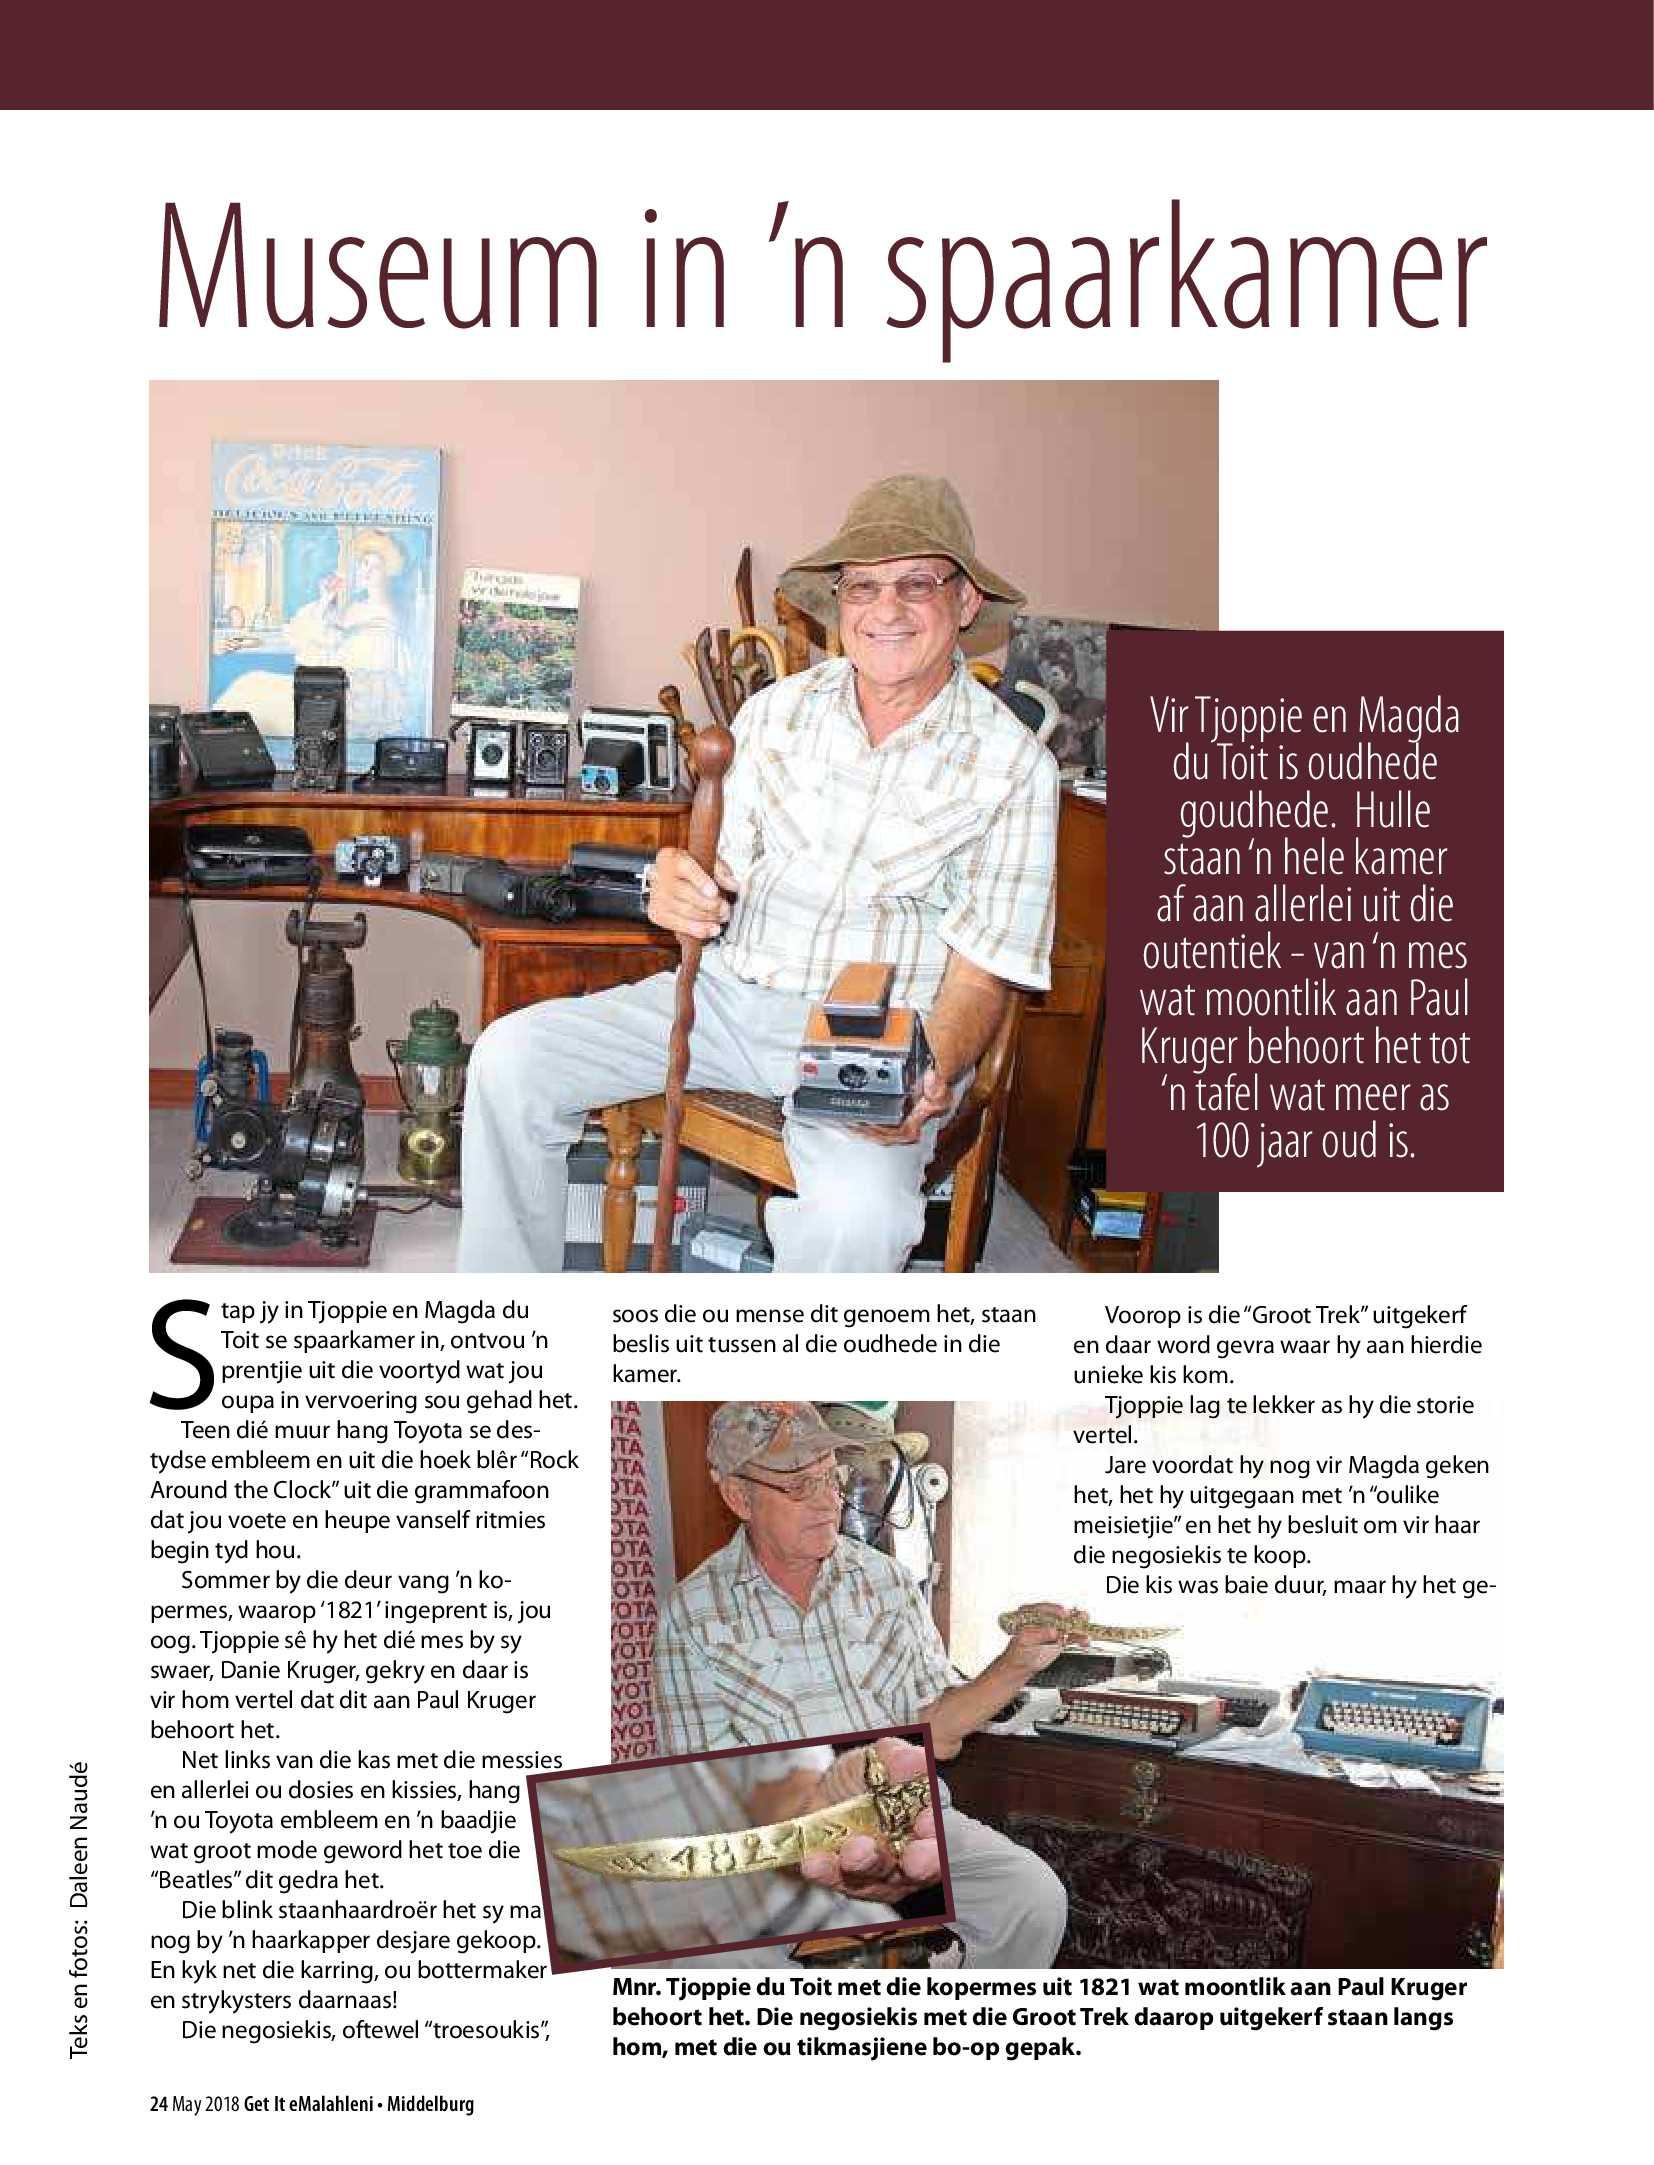 get-middelburg-may-2018-epapers-page-26